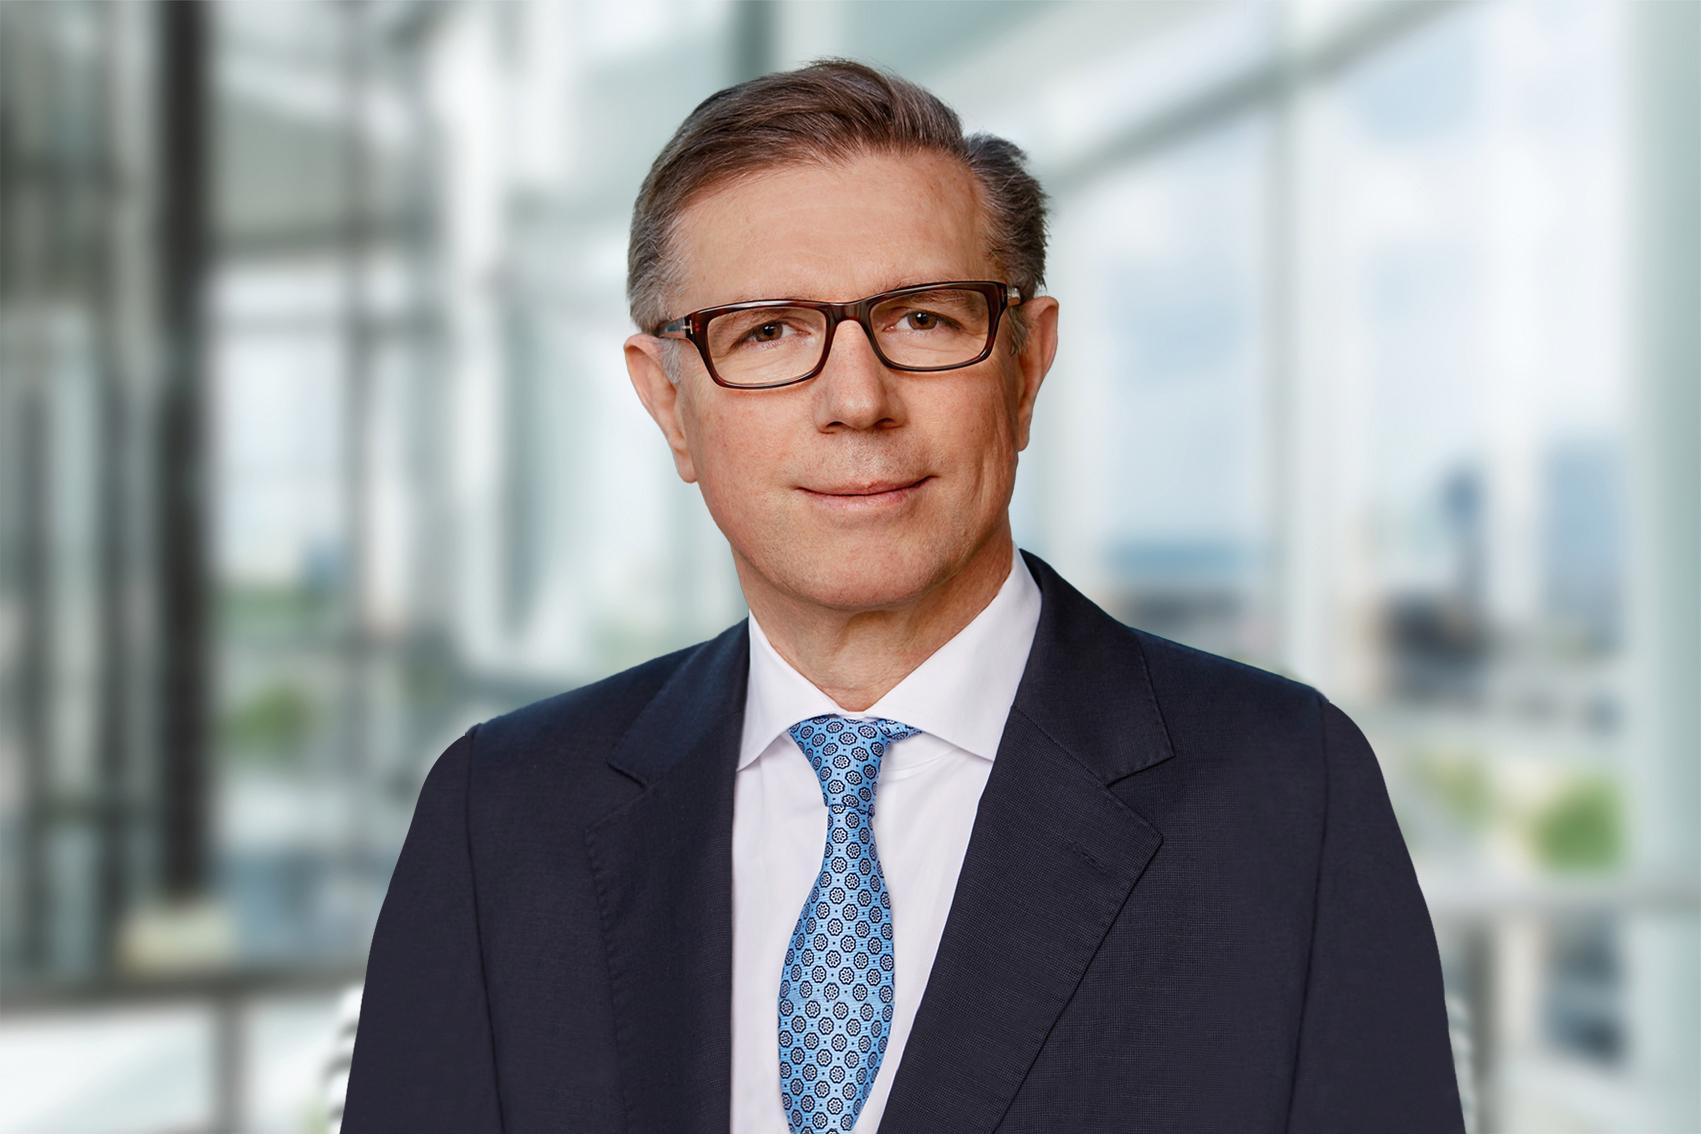 Ole Sichter